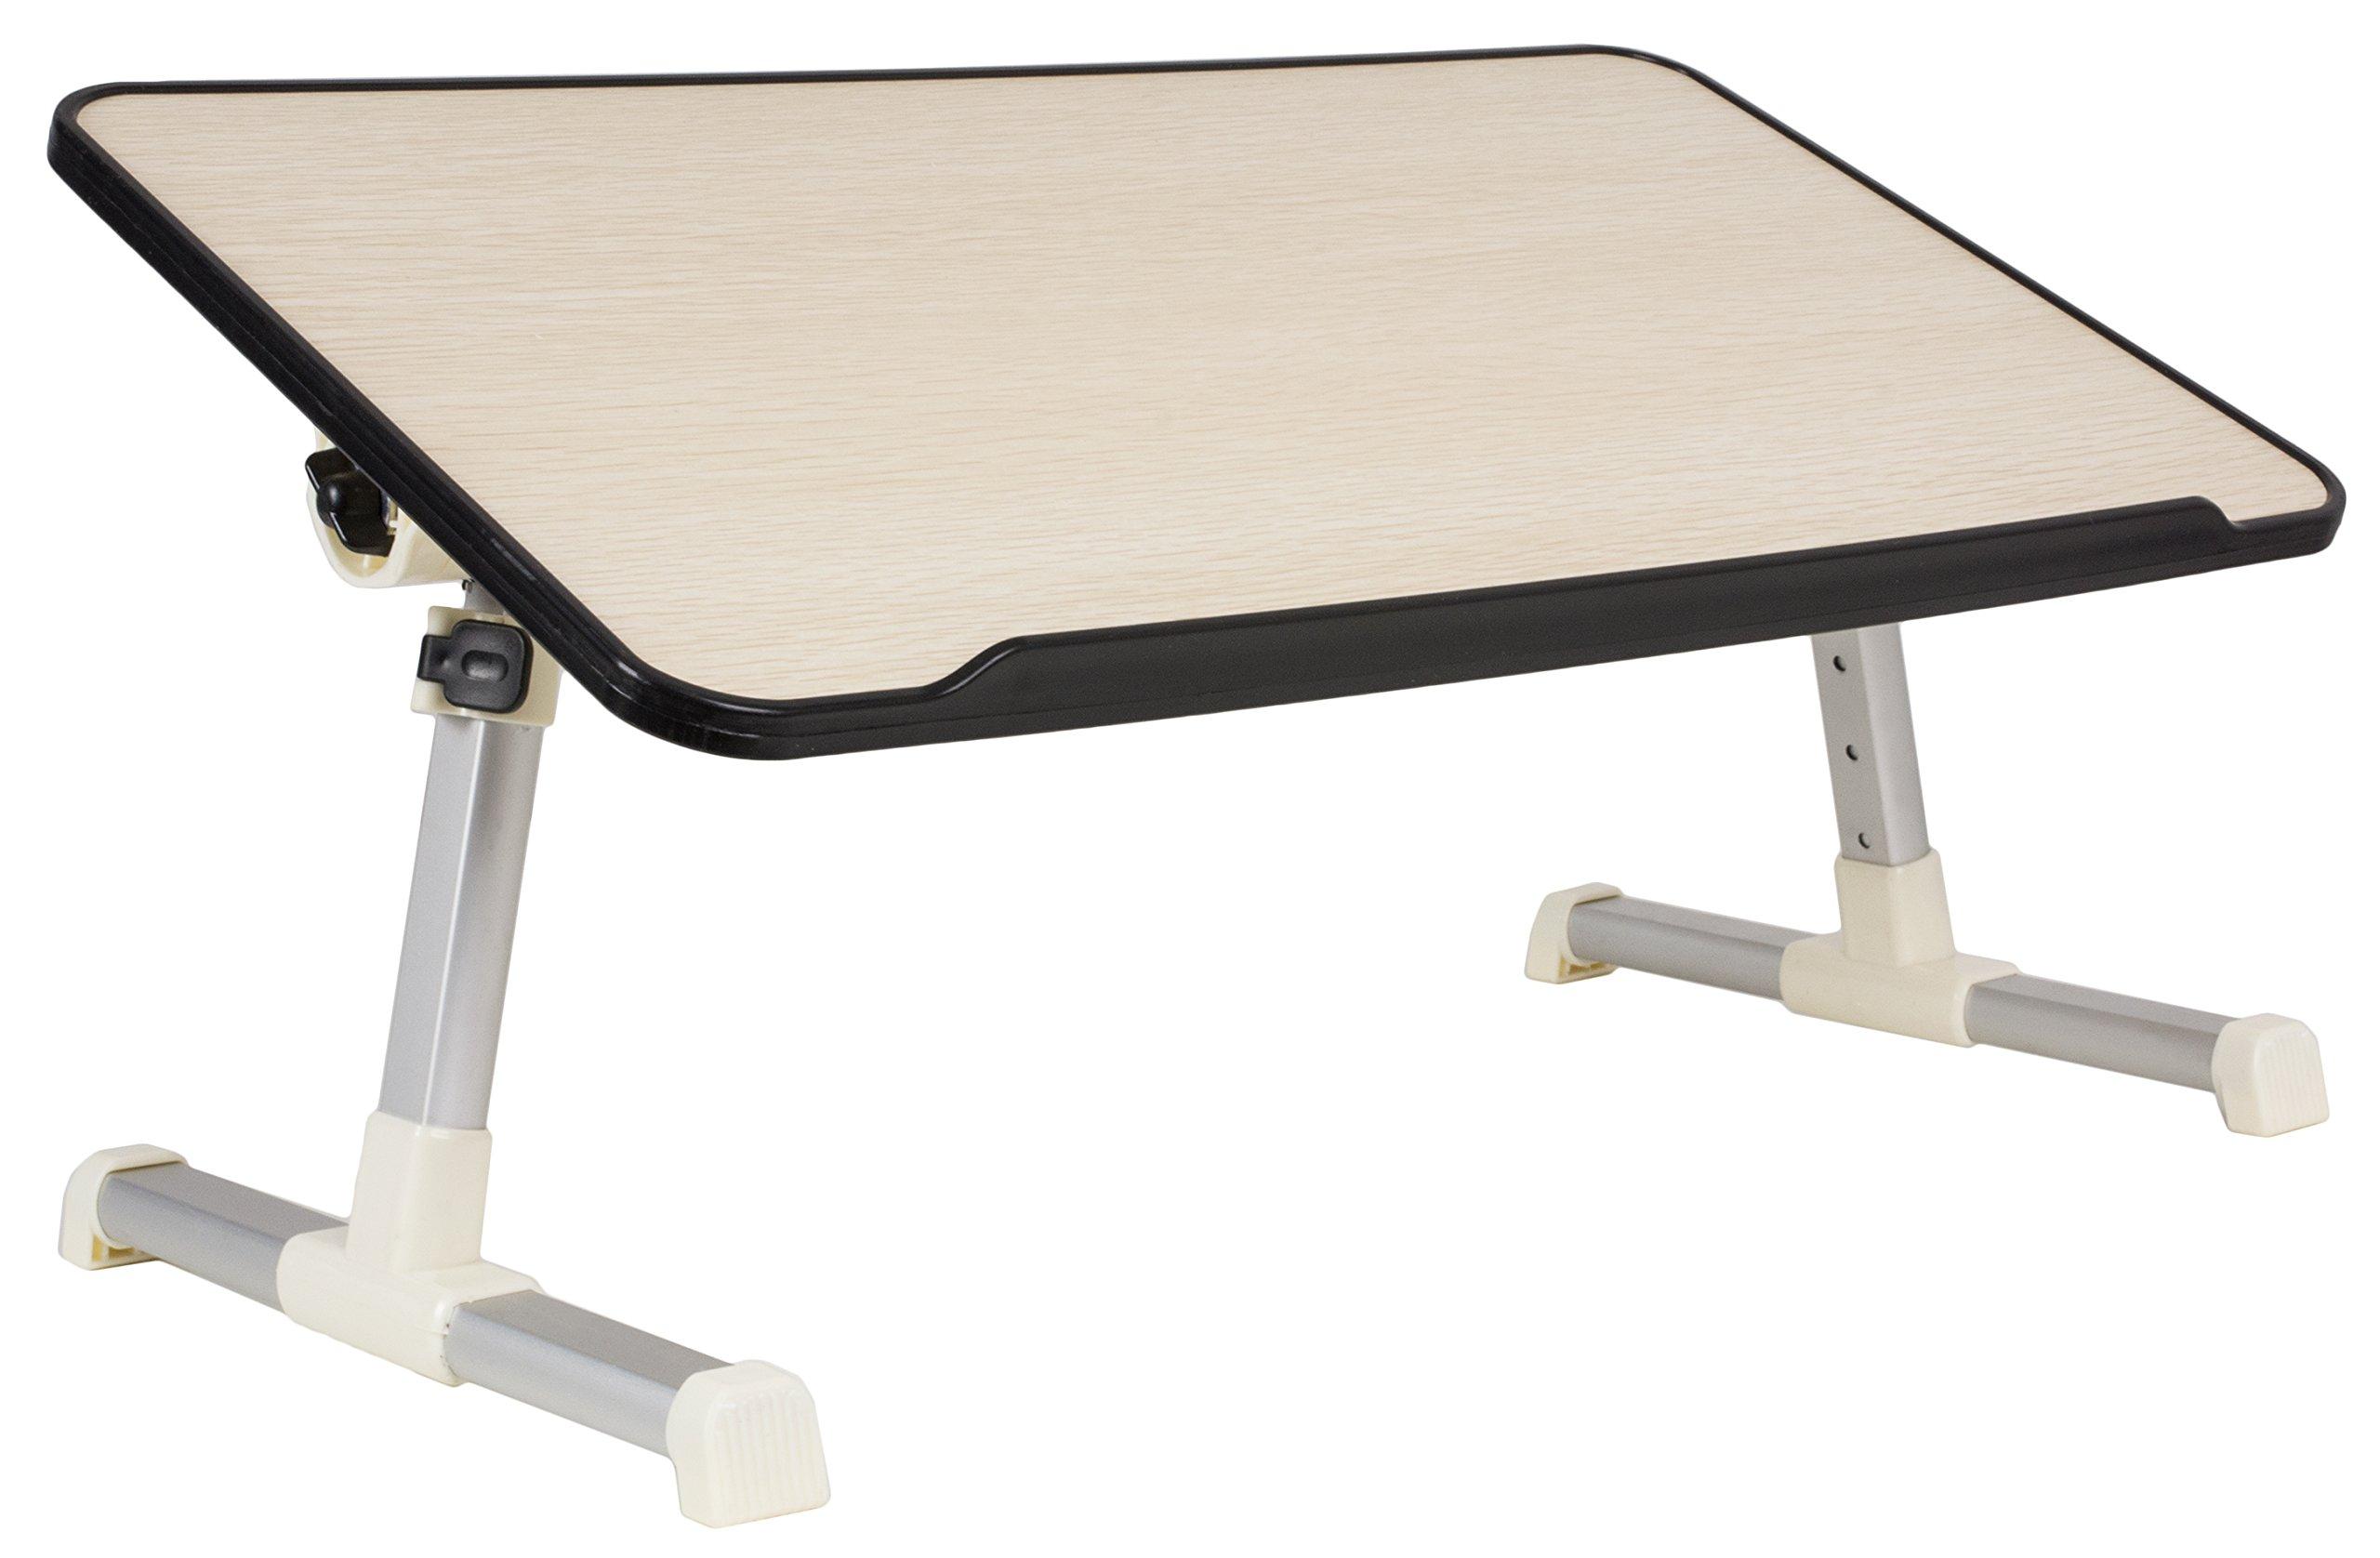 VIVO Height Adjustable Tilting Laptop Workstation Bed Tray, Folding Portable Book Table Stand (DESK-L-V020)